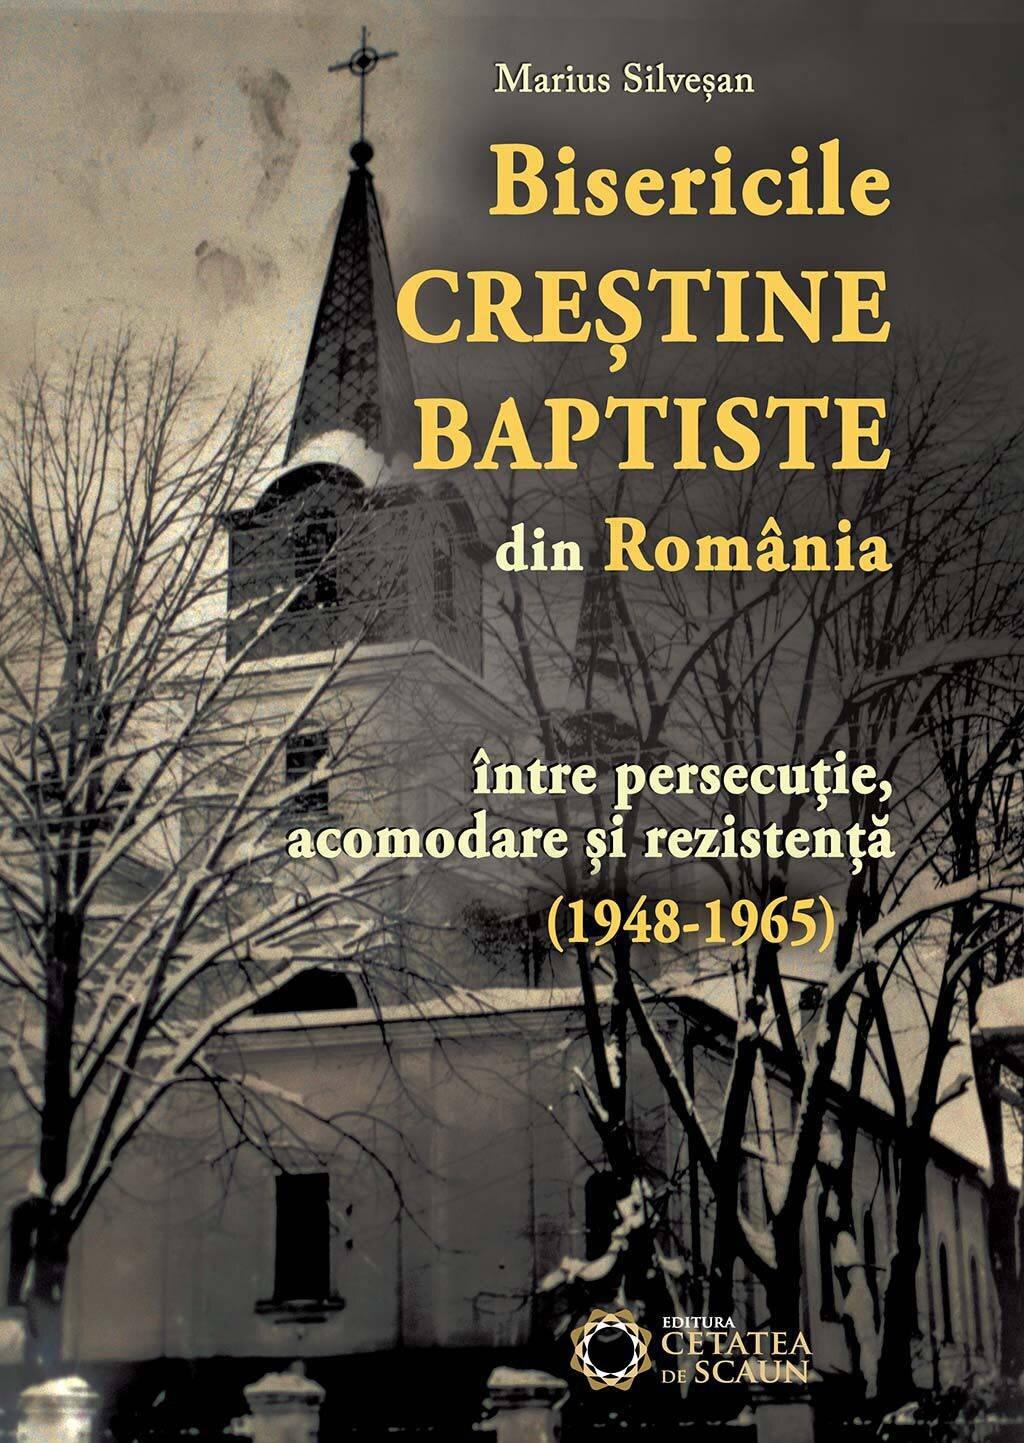 Bisericile Crestine Baptiste din Romania intre persecutie, acomodare si rezistenta (1948-1965) (eBook)